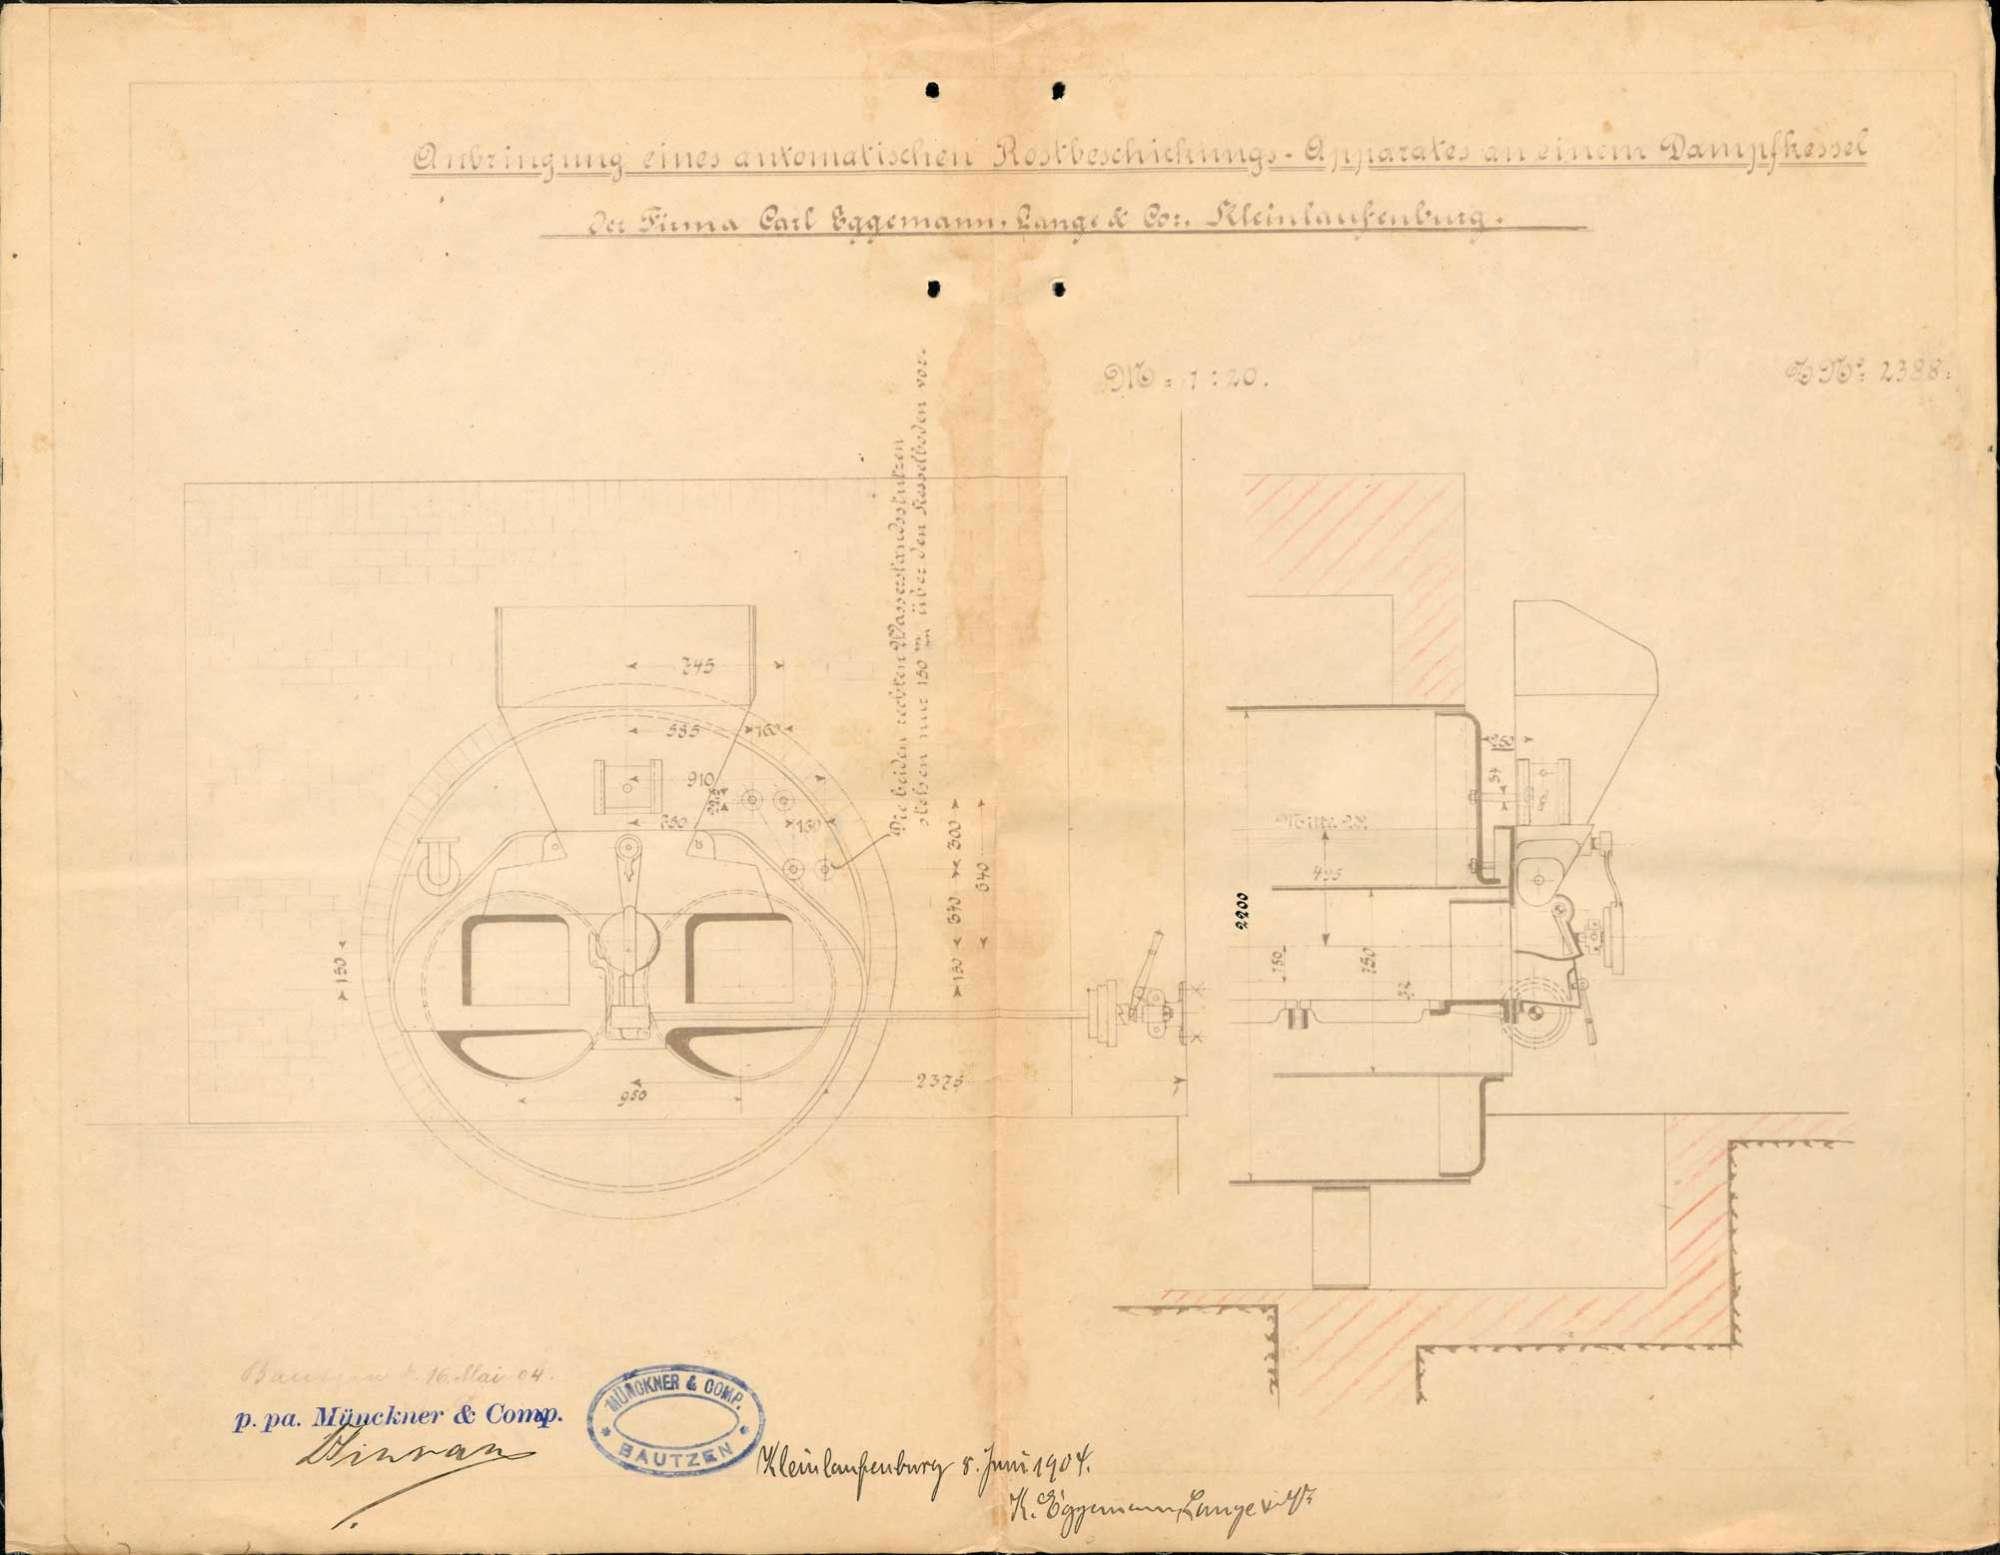 Dampfkessel der Firma Eggemann-Lange & Co. in Kleinlaufenburg, Bild 1